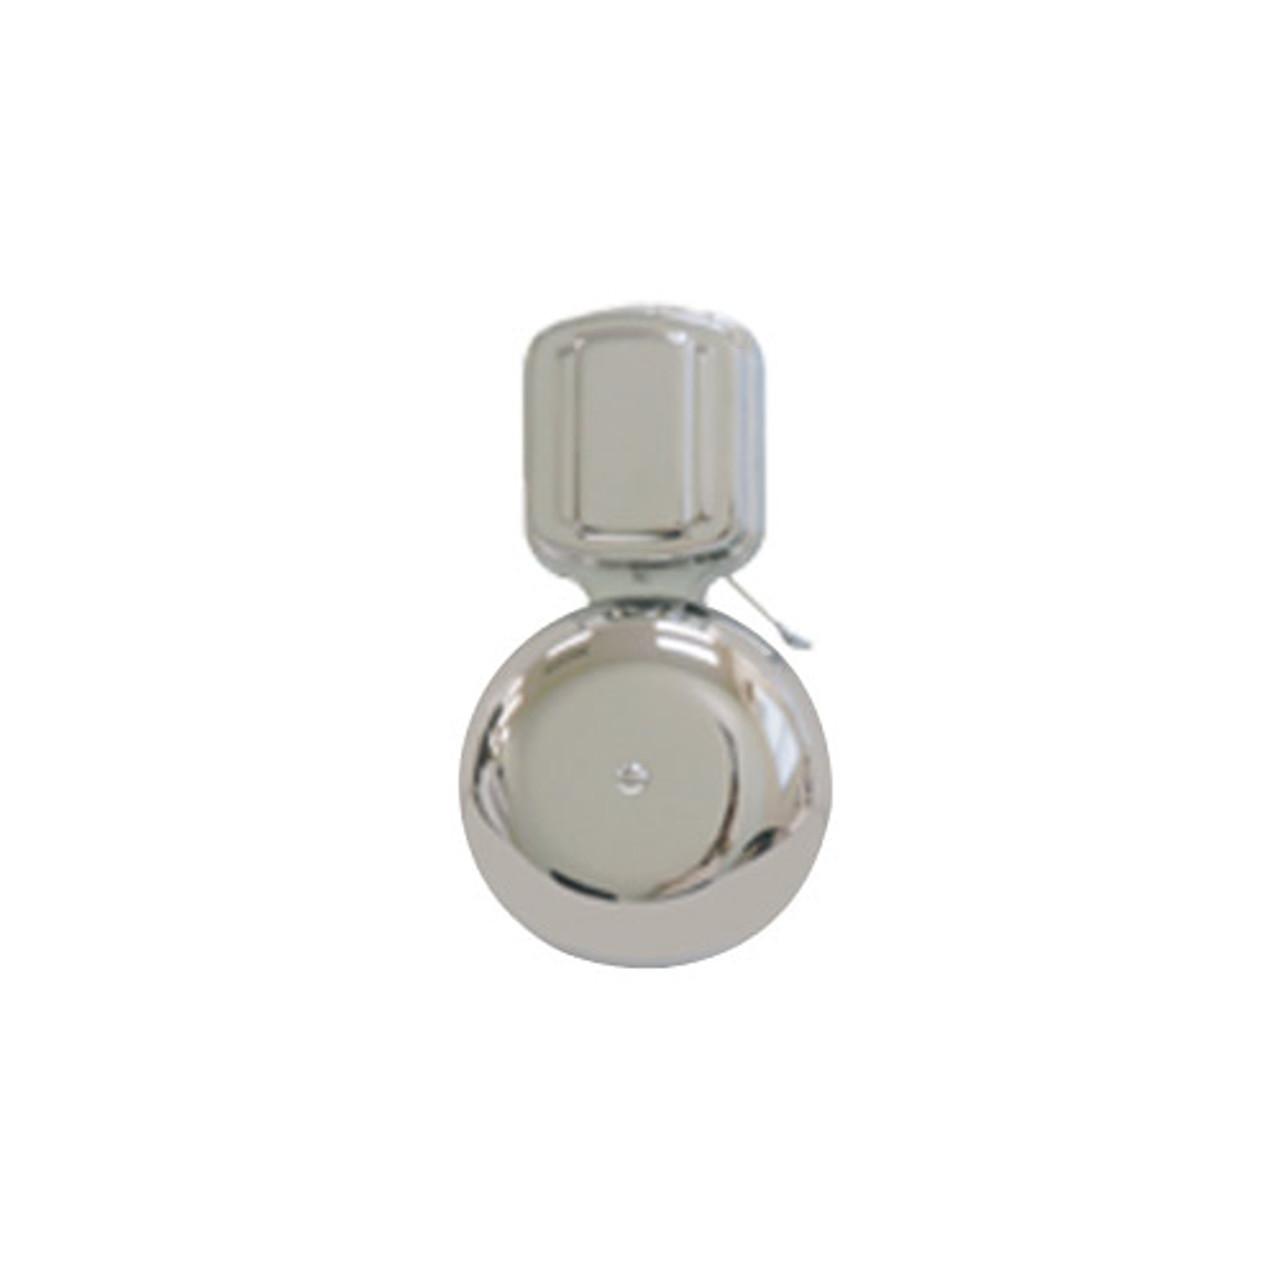 Trine-274 Trine Door Bells